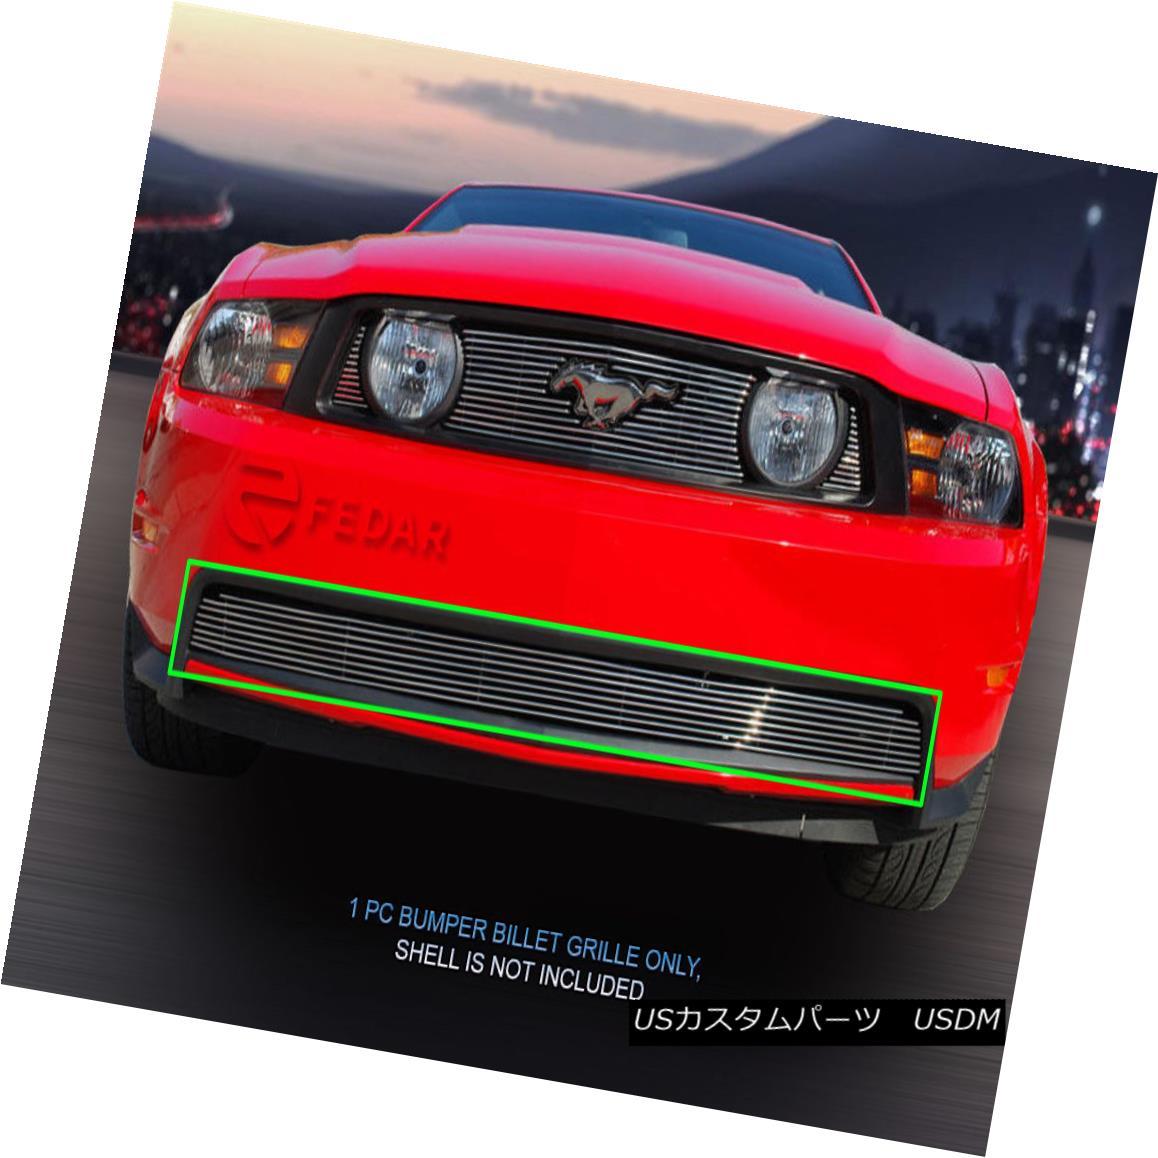 グリル Fits 2010 2011 2012 Ford Mustang GT V8 Billet Grille Bumper Grill Insert Fedar フィット2010年2011 2012フォードマスタングGT V8ビレットグリルバンパーグリルインサートFedar